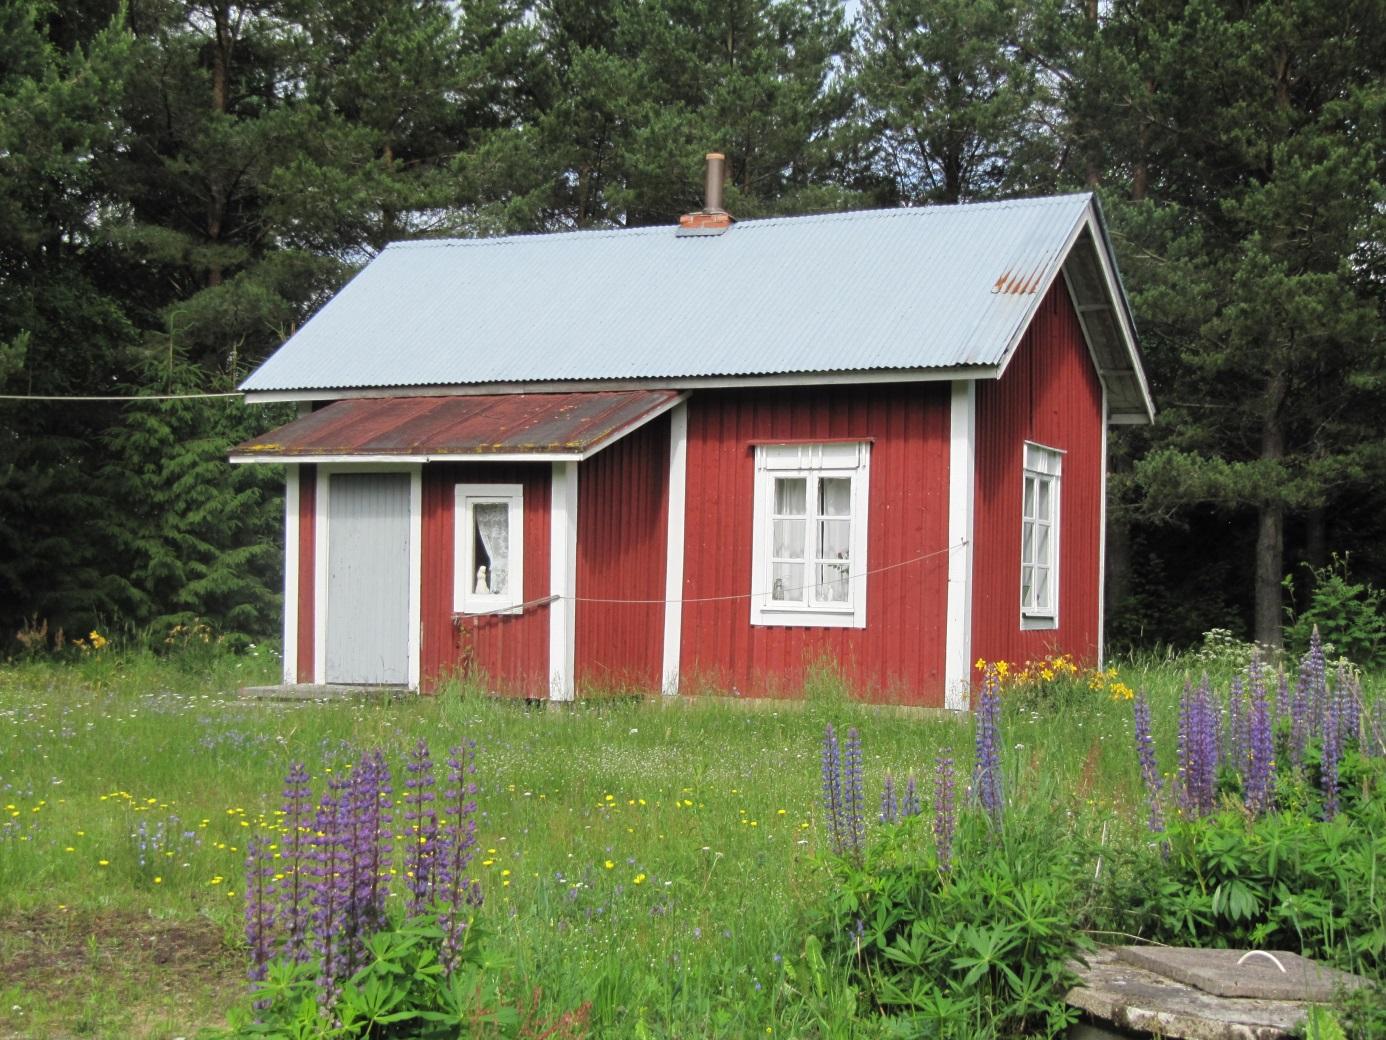 Den här lillstugan stod tidigare bakom Bergåsen nära Kalaxinas och hade tillhört Jot-Oskar. Foto från 2011.